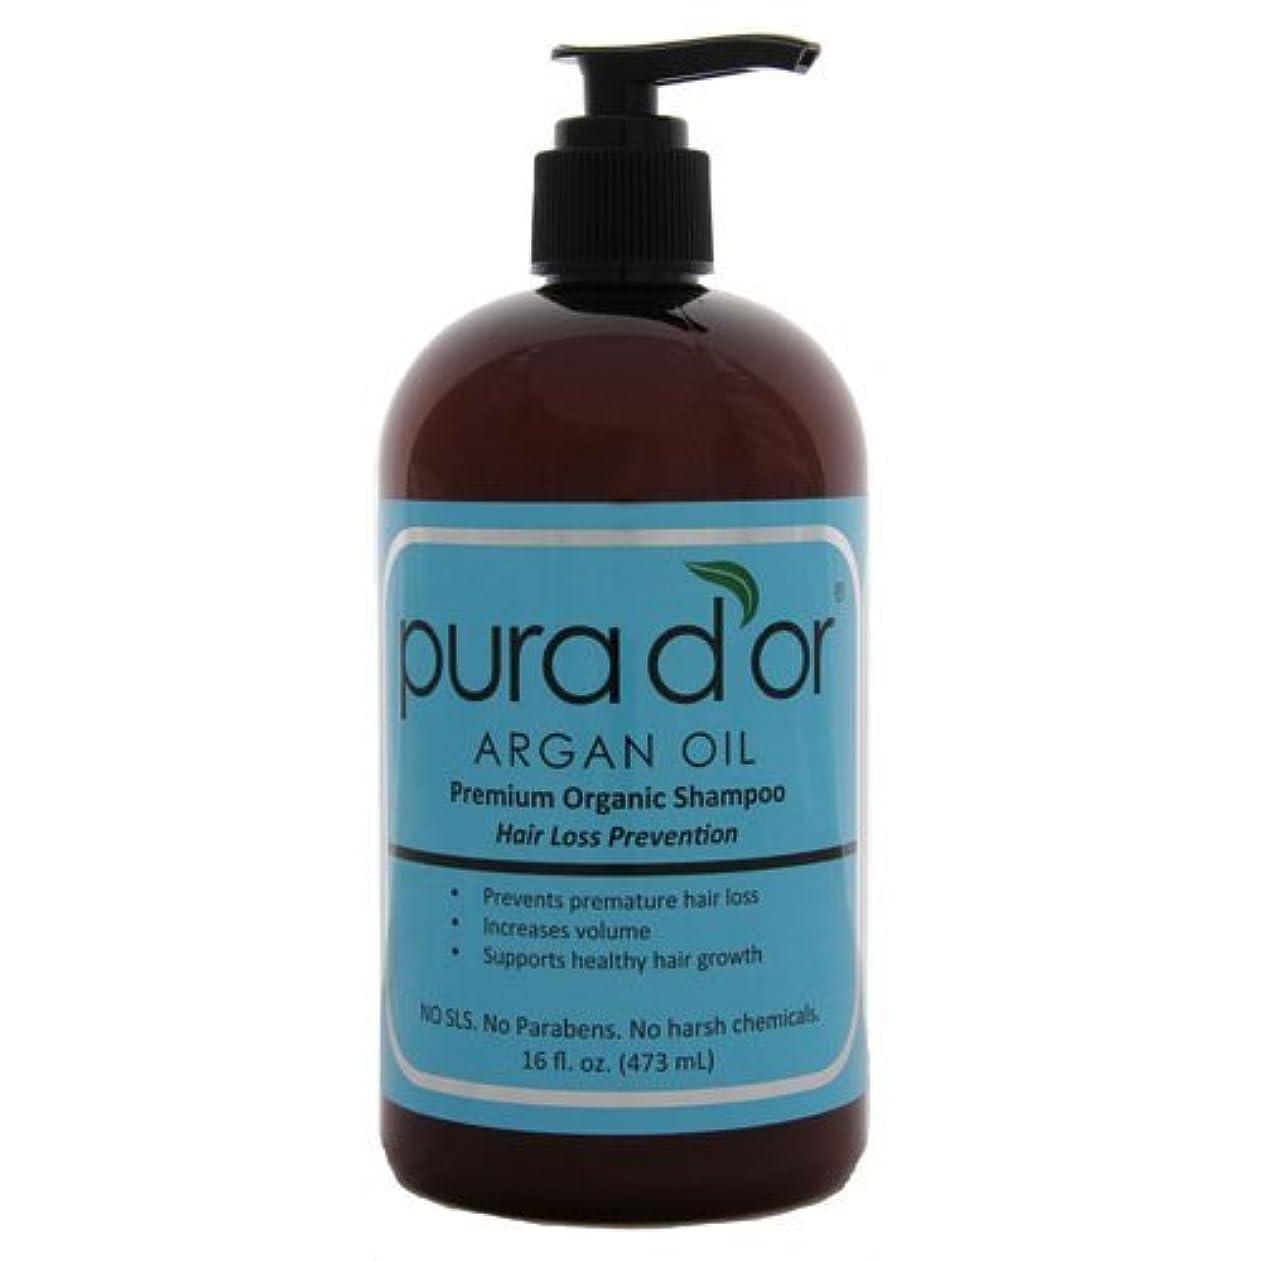 好ましい鮮やかなレガシー【オーガニック】 DHTブロッカー シャンプー男女兼用 470ml【並行輸入品】 Pura d'or Hair Loss Prevention Premium Organic Shampoo 16oz